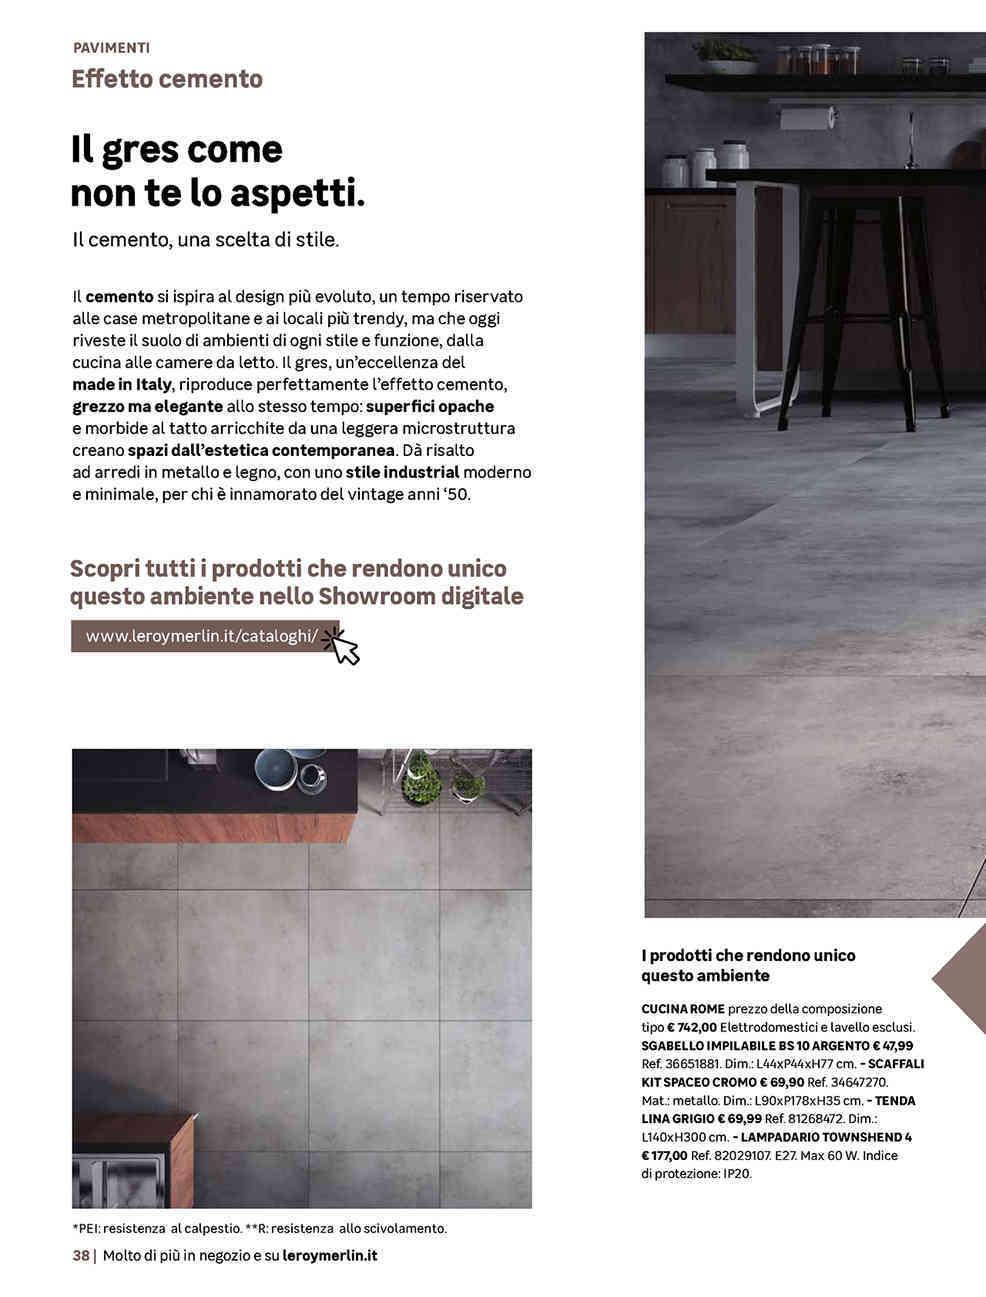 Negozi Lampadari Caserta E Provincia offerte lampadari a castel volturno nel volantino, prezzi